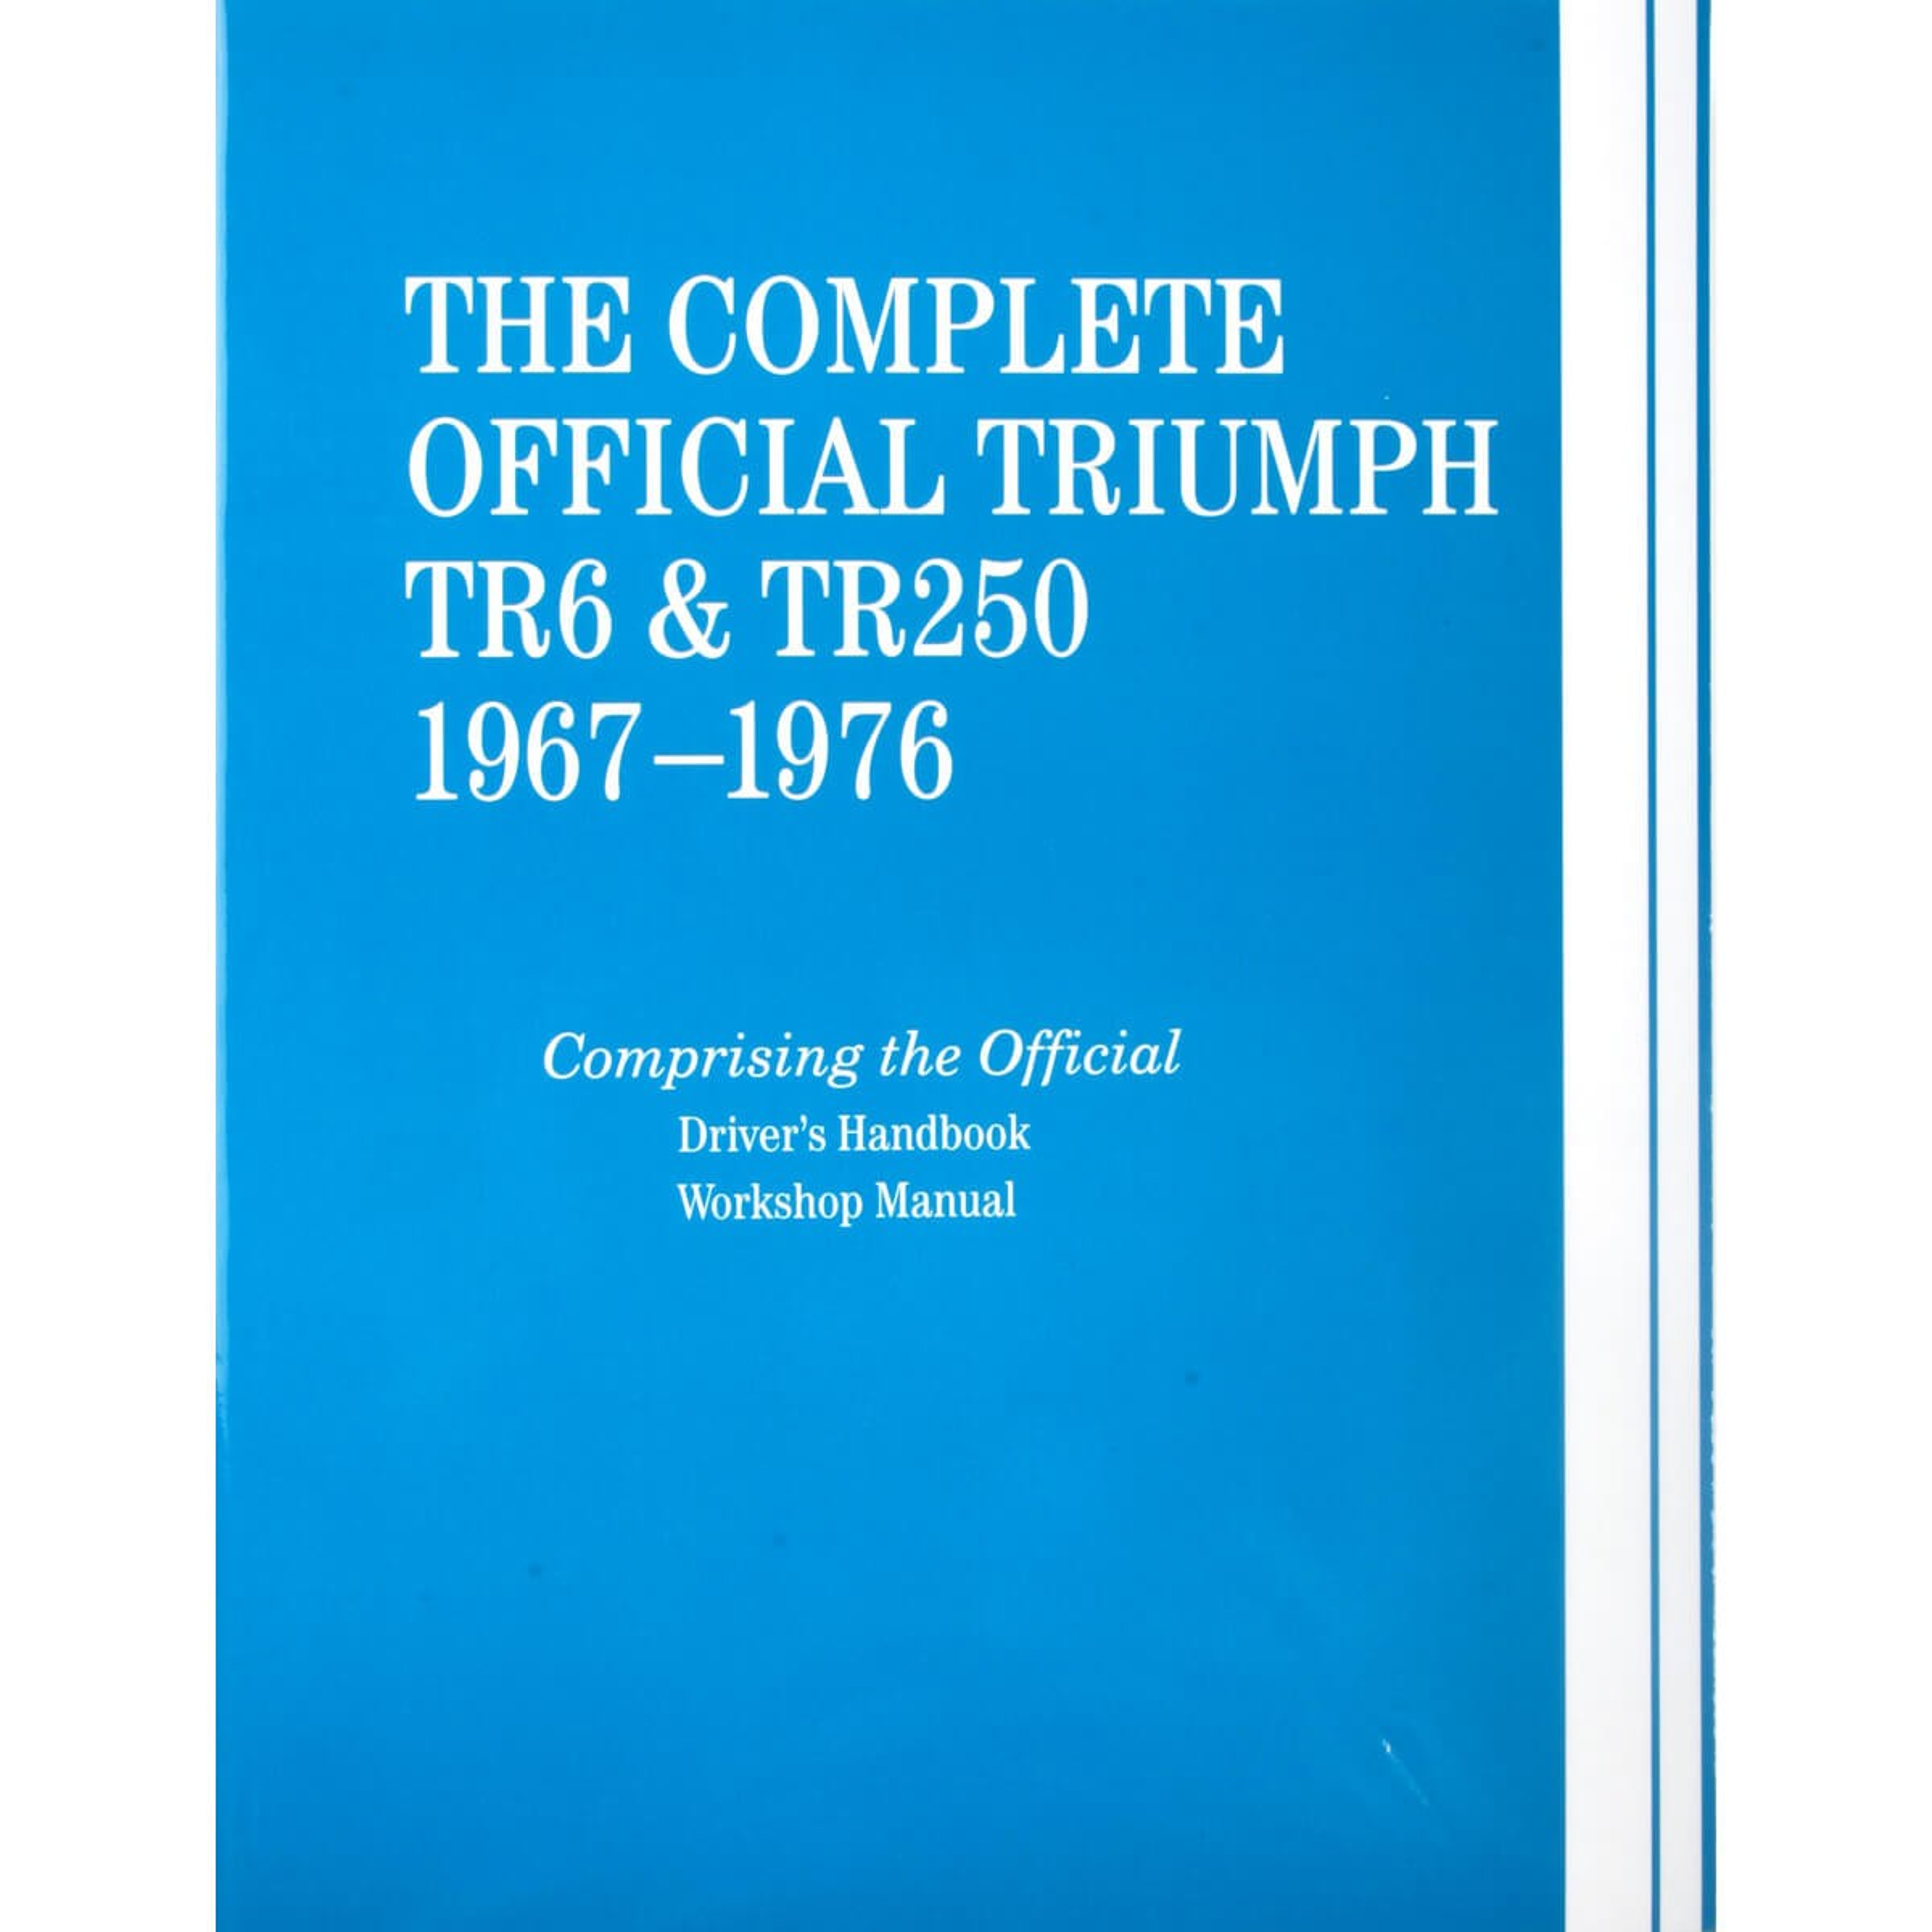 212 780 bentley shop manual tr6 and tr250 moss motors rh mossmotors com bentley service manual bmw e39 bentley service manual e46 pdf